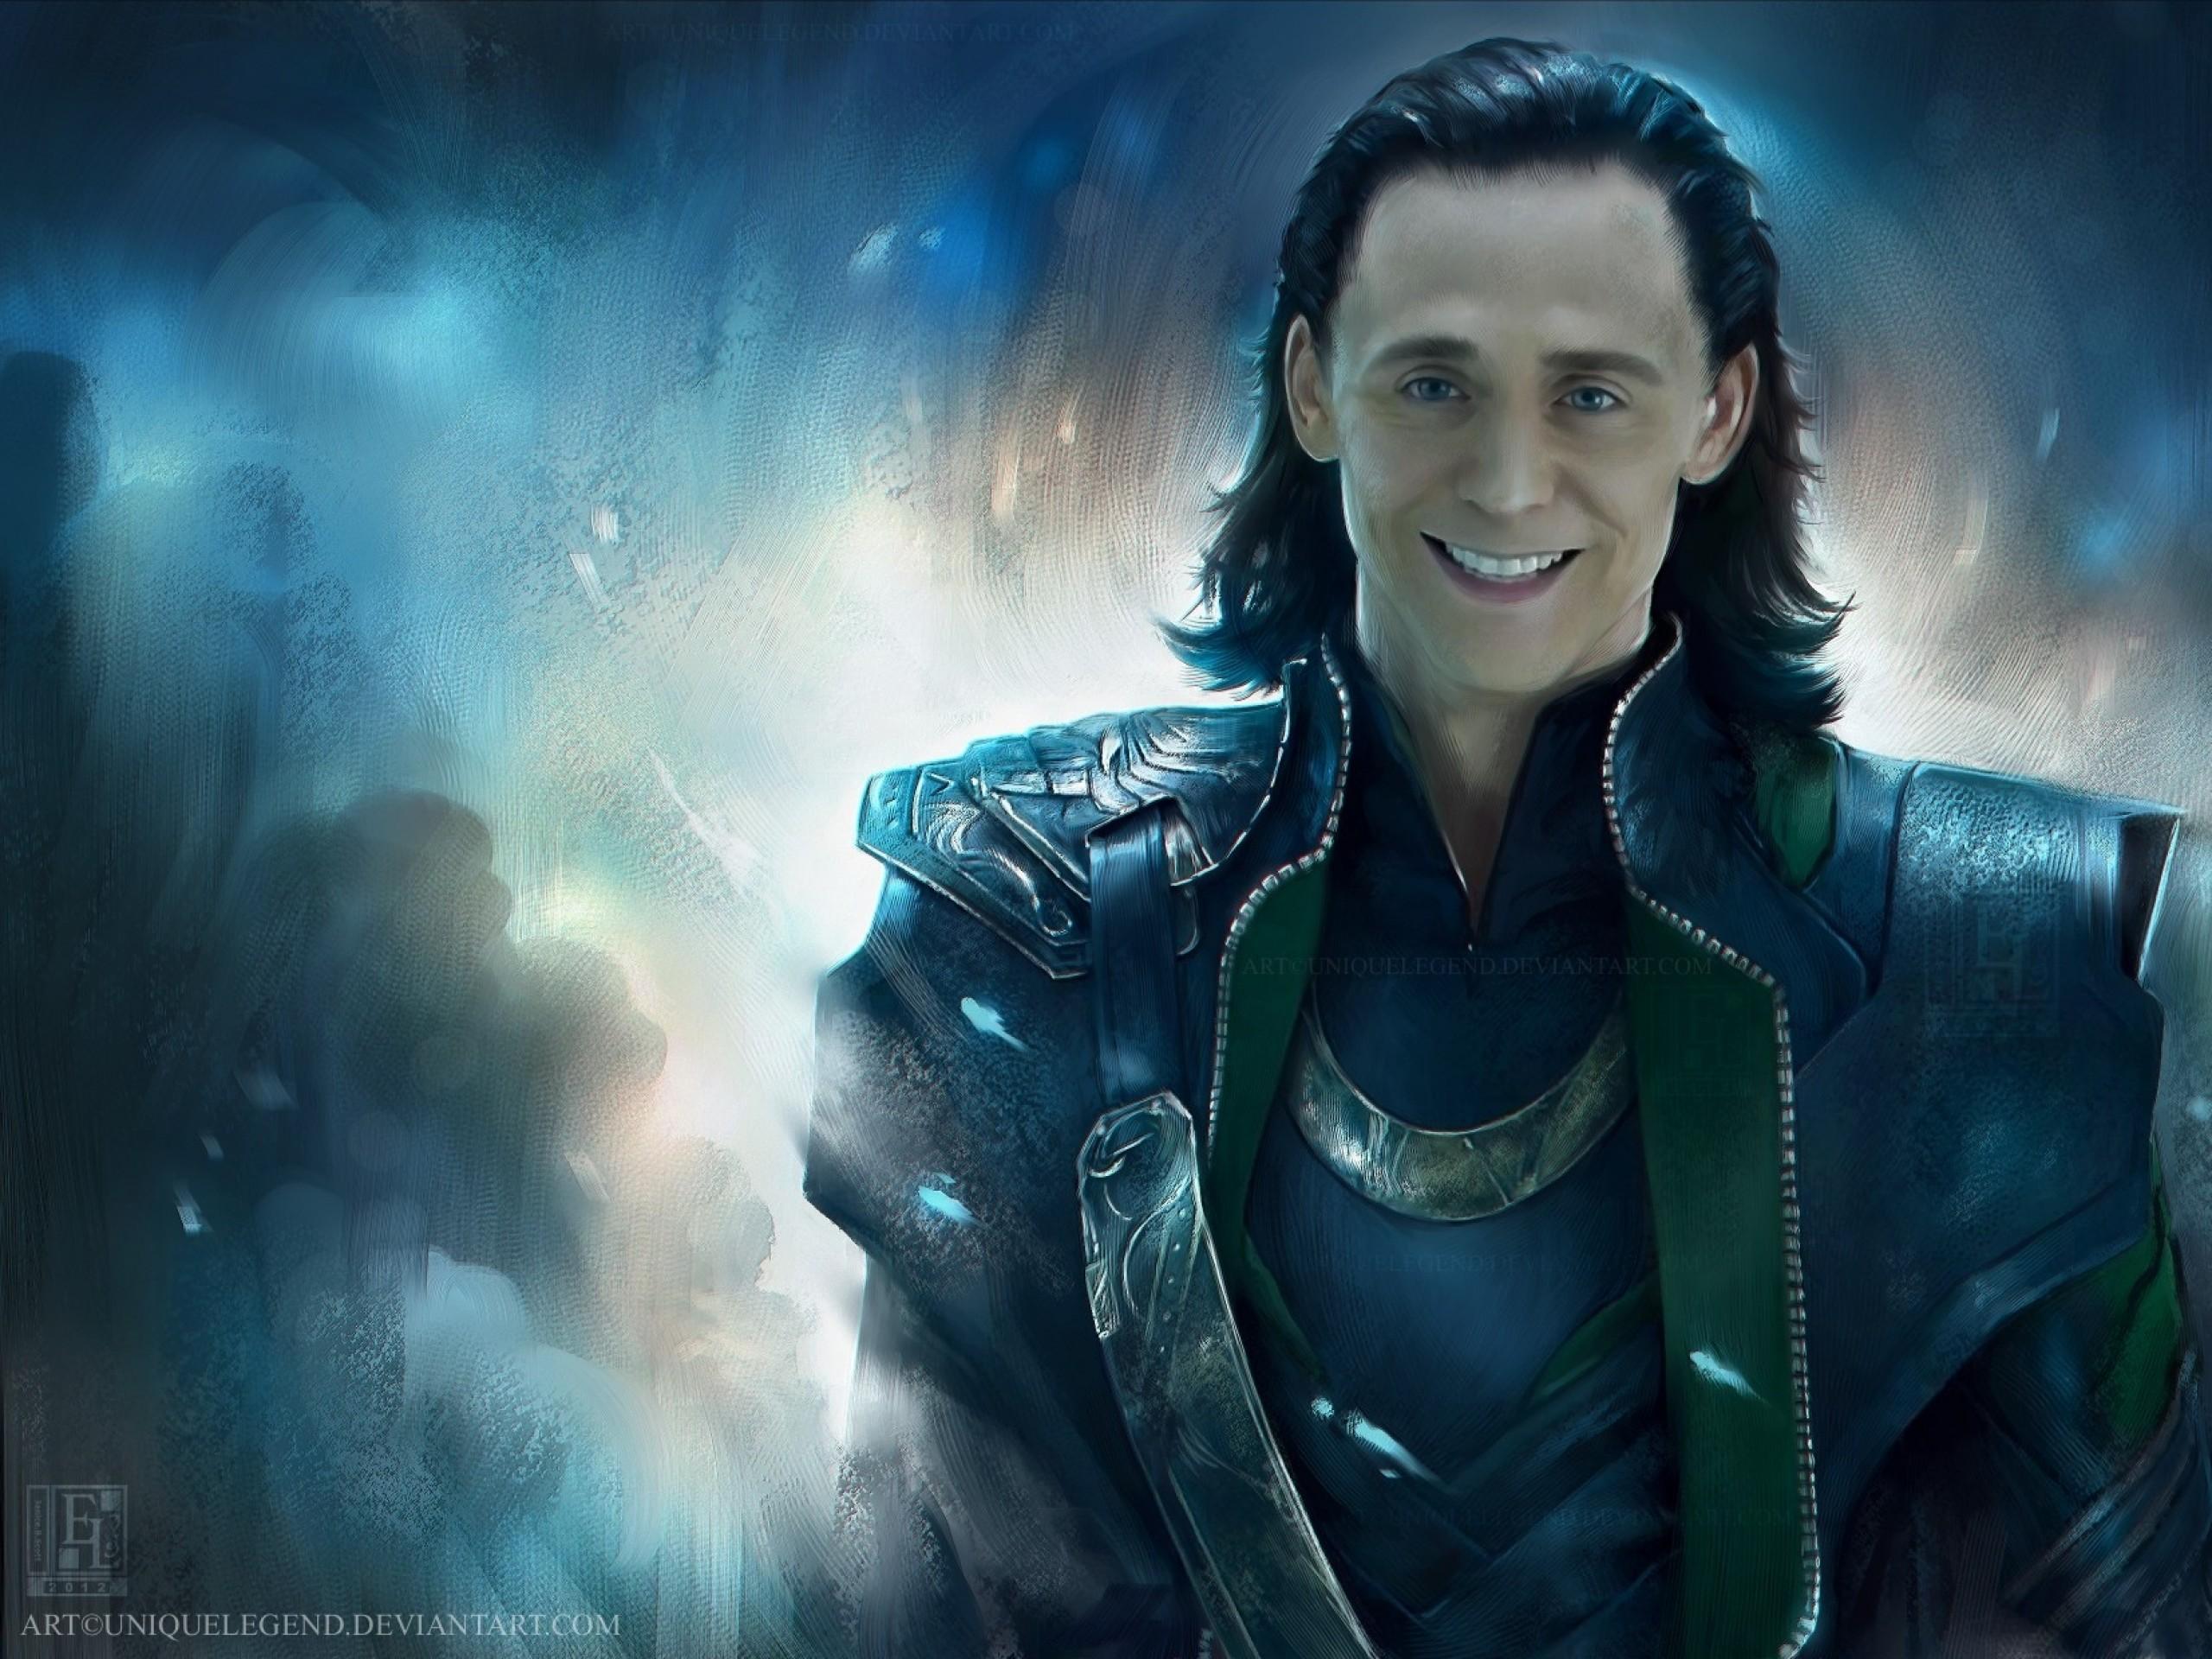 loki marvel tom hiddleston the avengers movie 1790×1240 wallpaper Art HD  Wallpaper